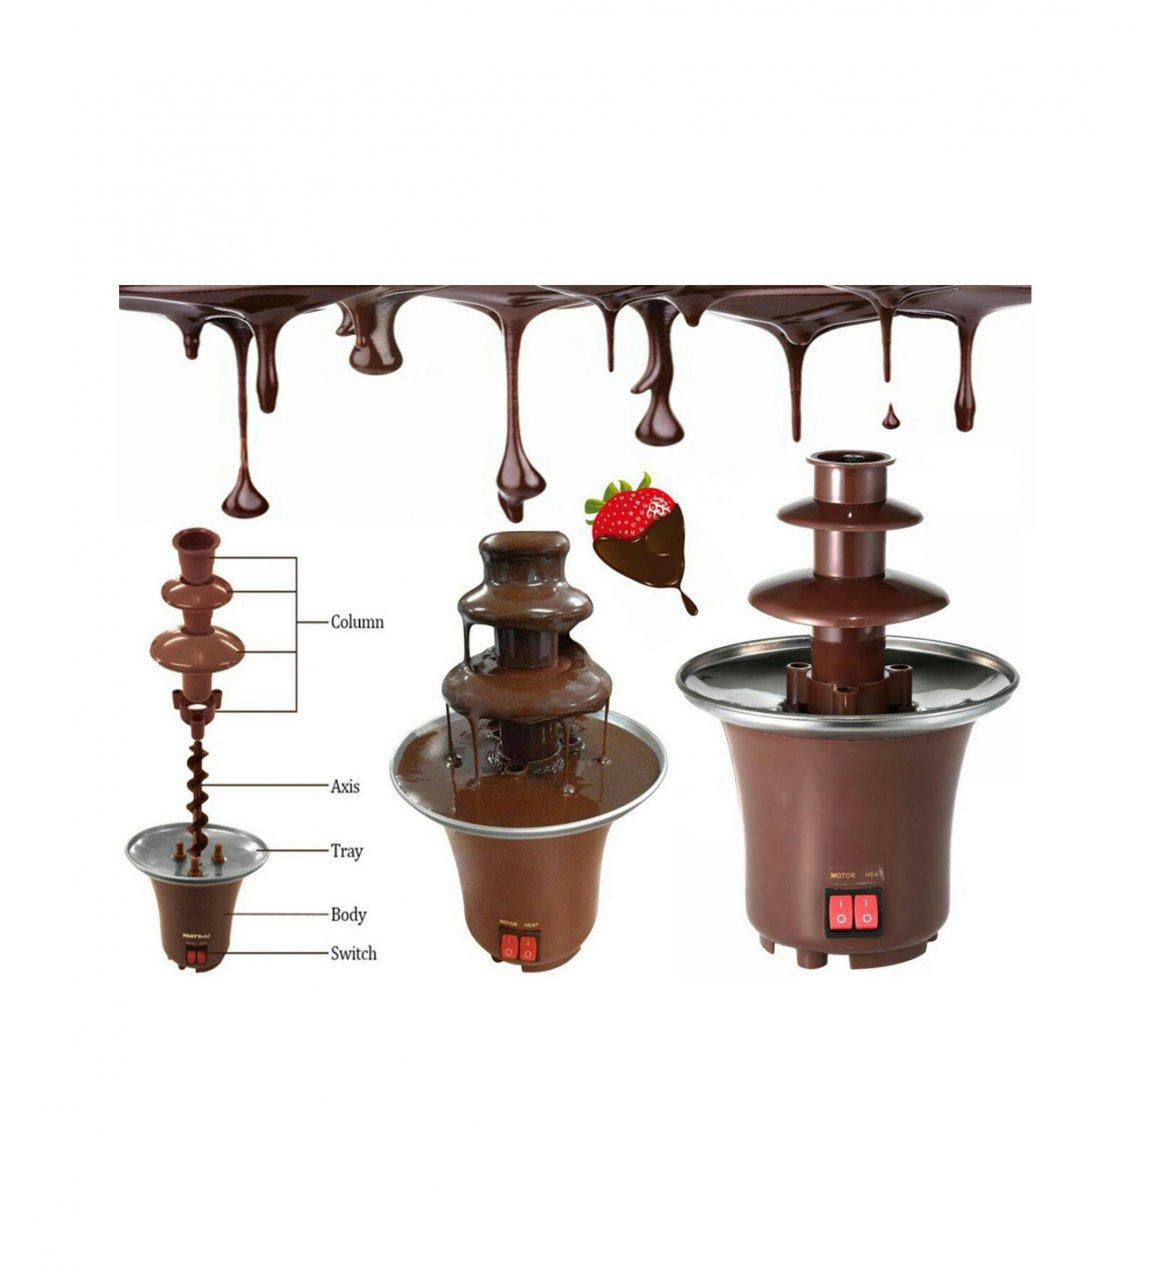 دستگاه آب کننده شکلات مدل چشمه شکلات BD-107